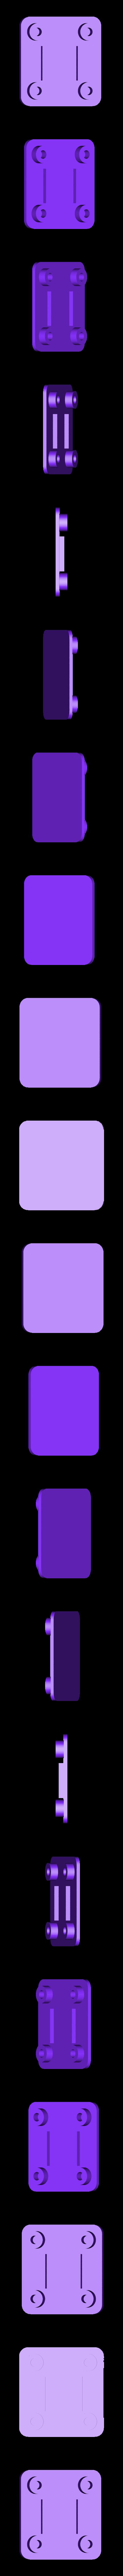 coin-holder.stl Télécharger fichier STL gratuit 12mm Coin Cell Clip • Objet imprimable en 3D, Adafruit